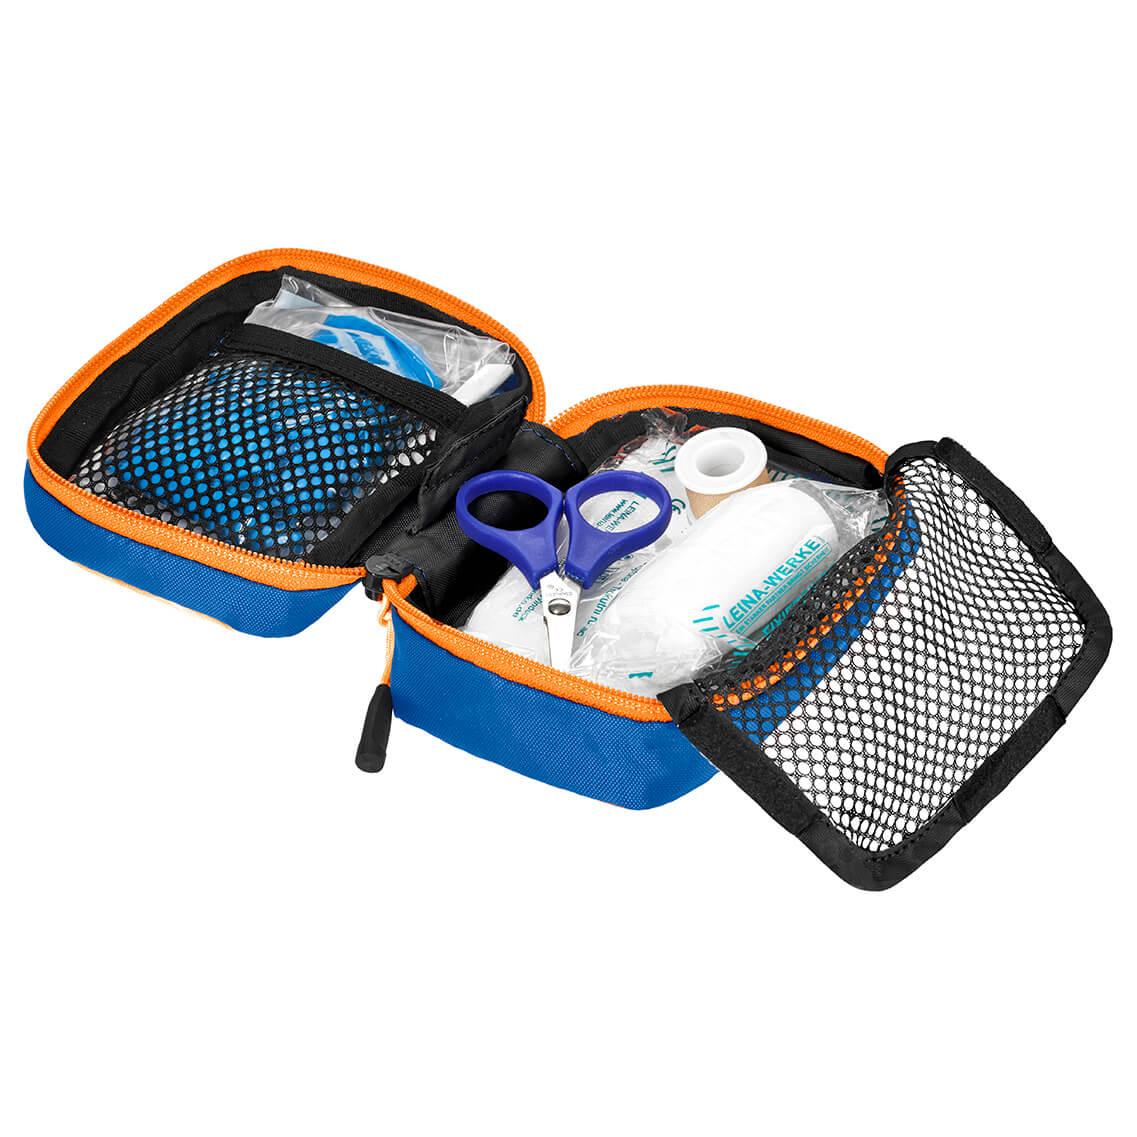 ortovox first aid mini erste hilfe set online kaufen. Black Bedroom Furniture Sets. Home Design Ideas